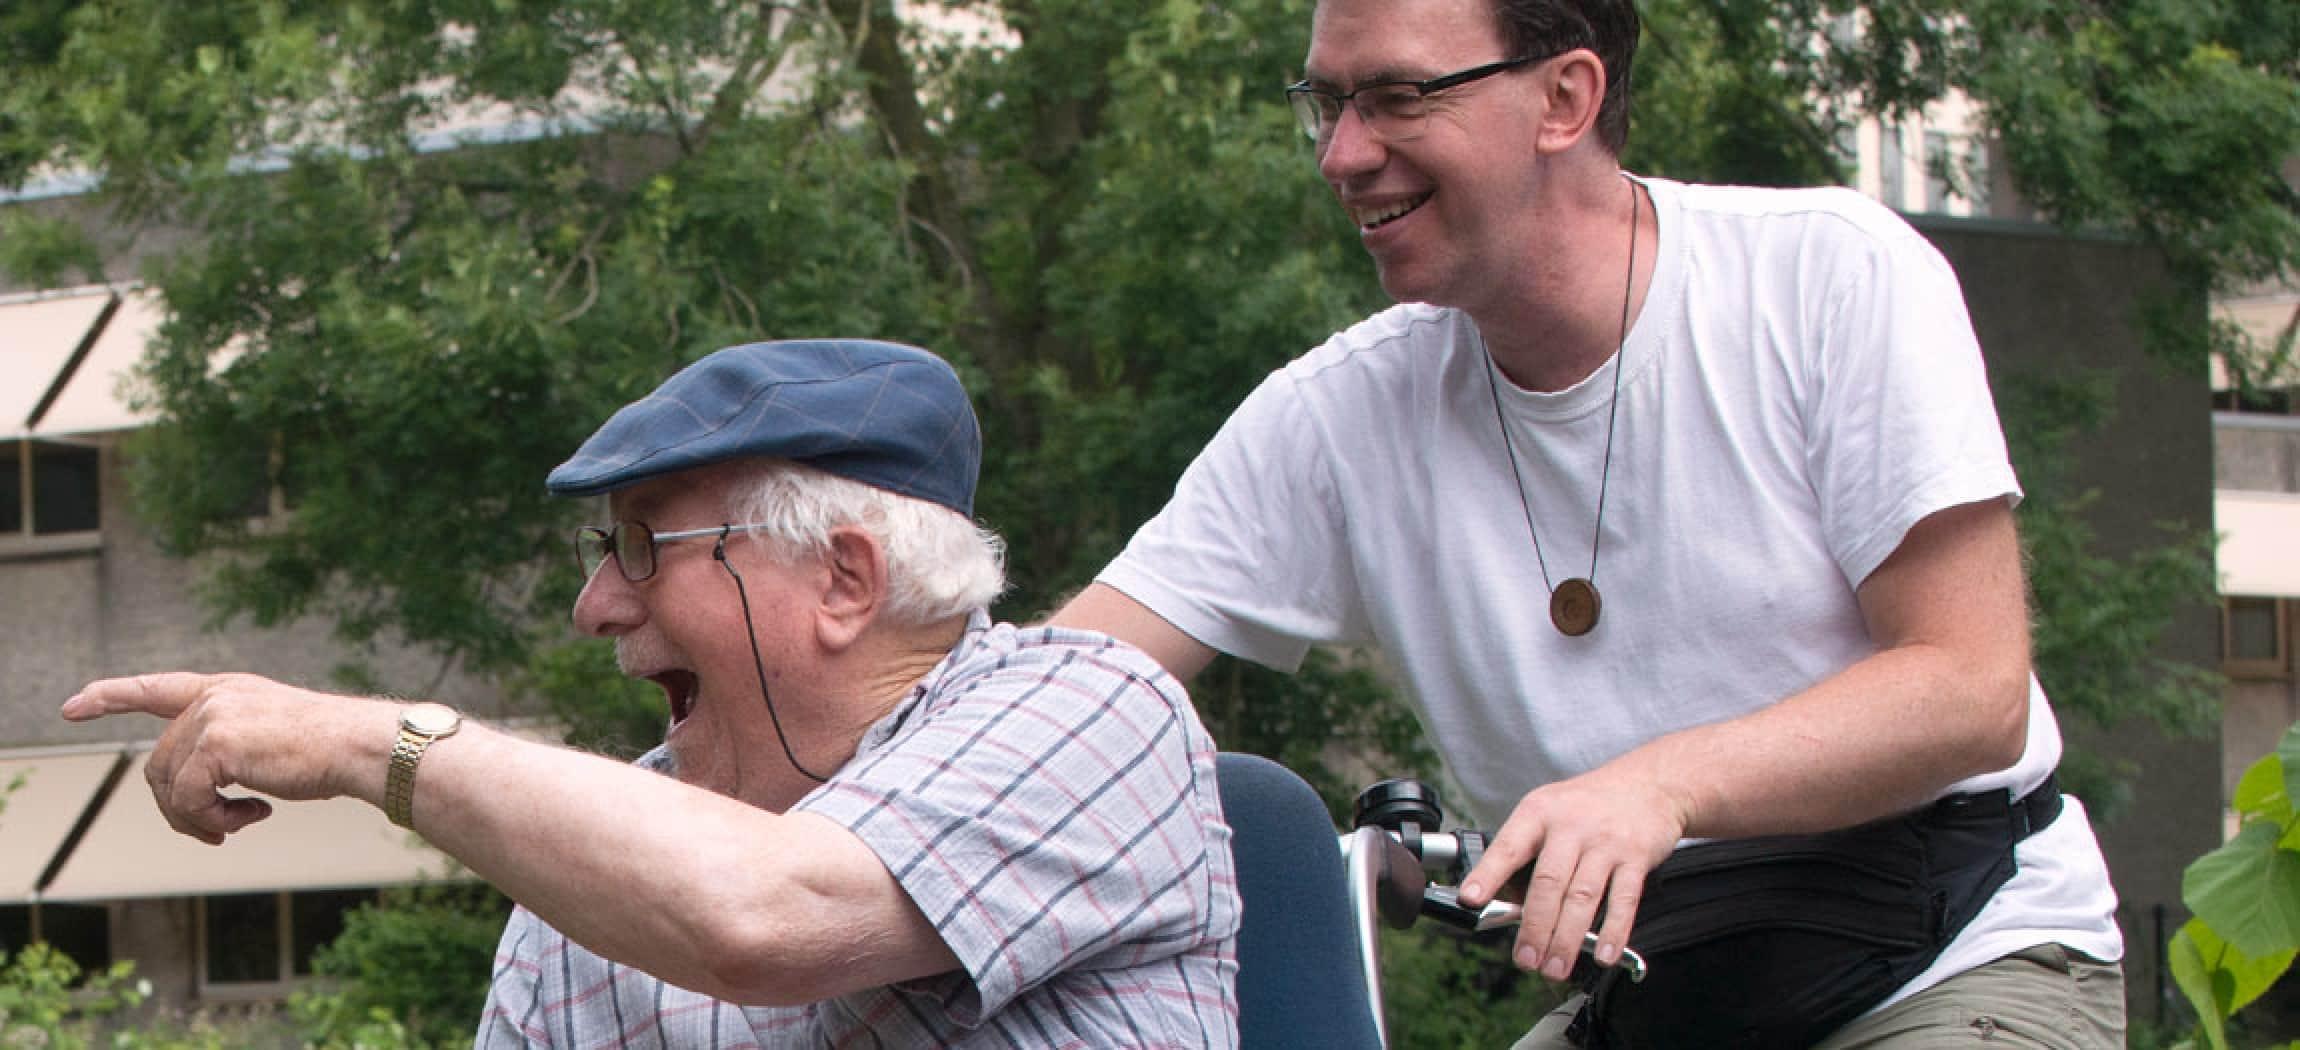 Enthousiaste blije man met klepmuts (ouderwetse pet) op een rolstoeltransportfiets met begeleider